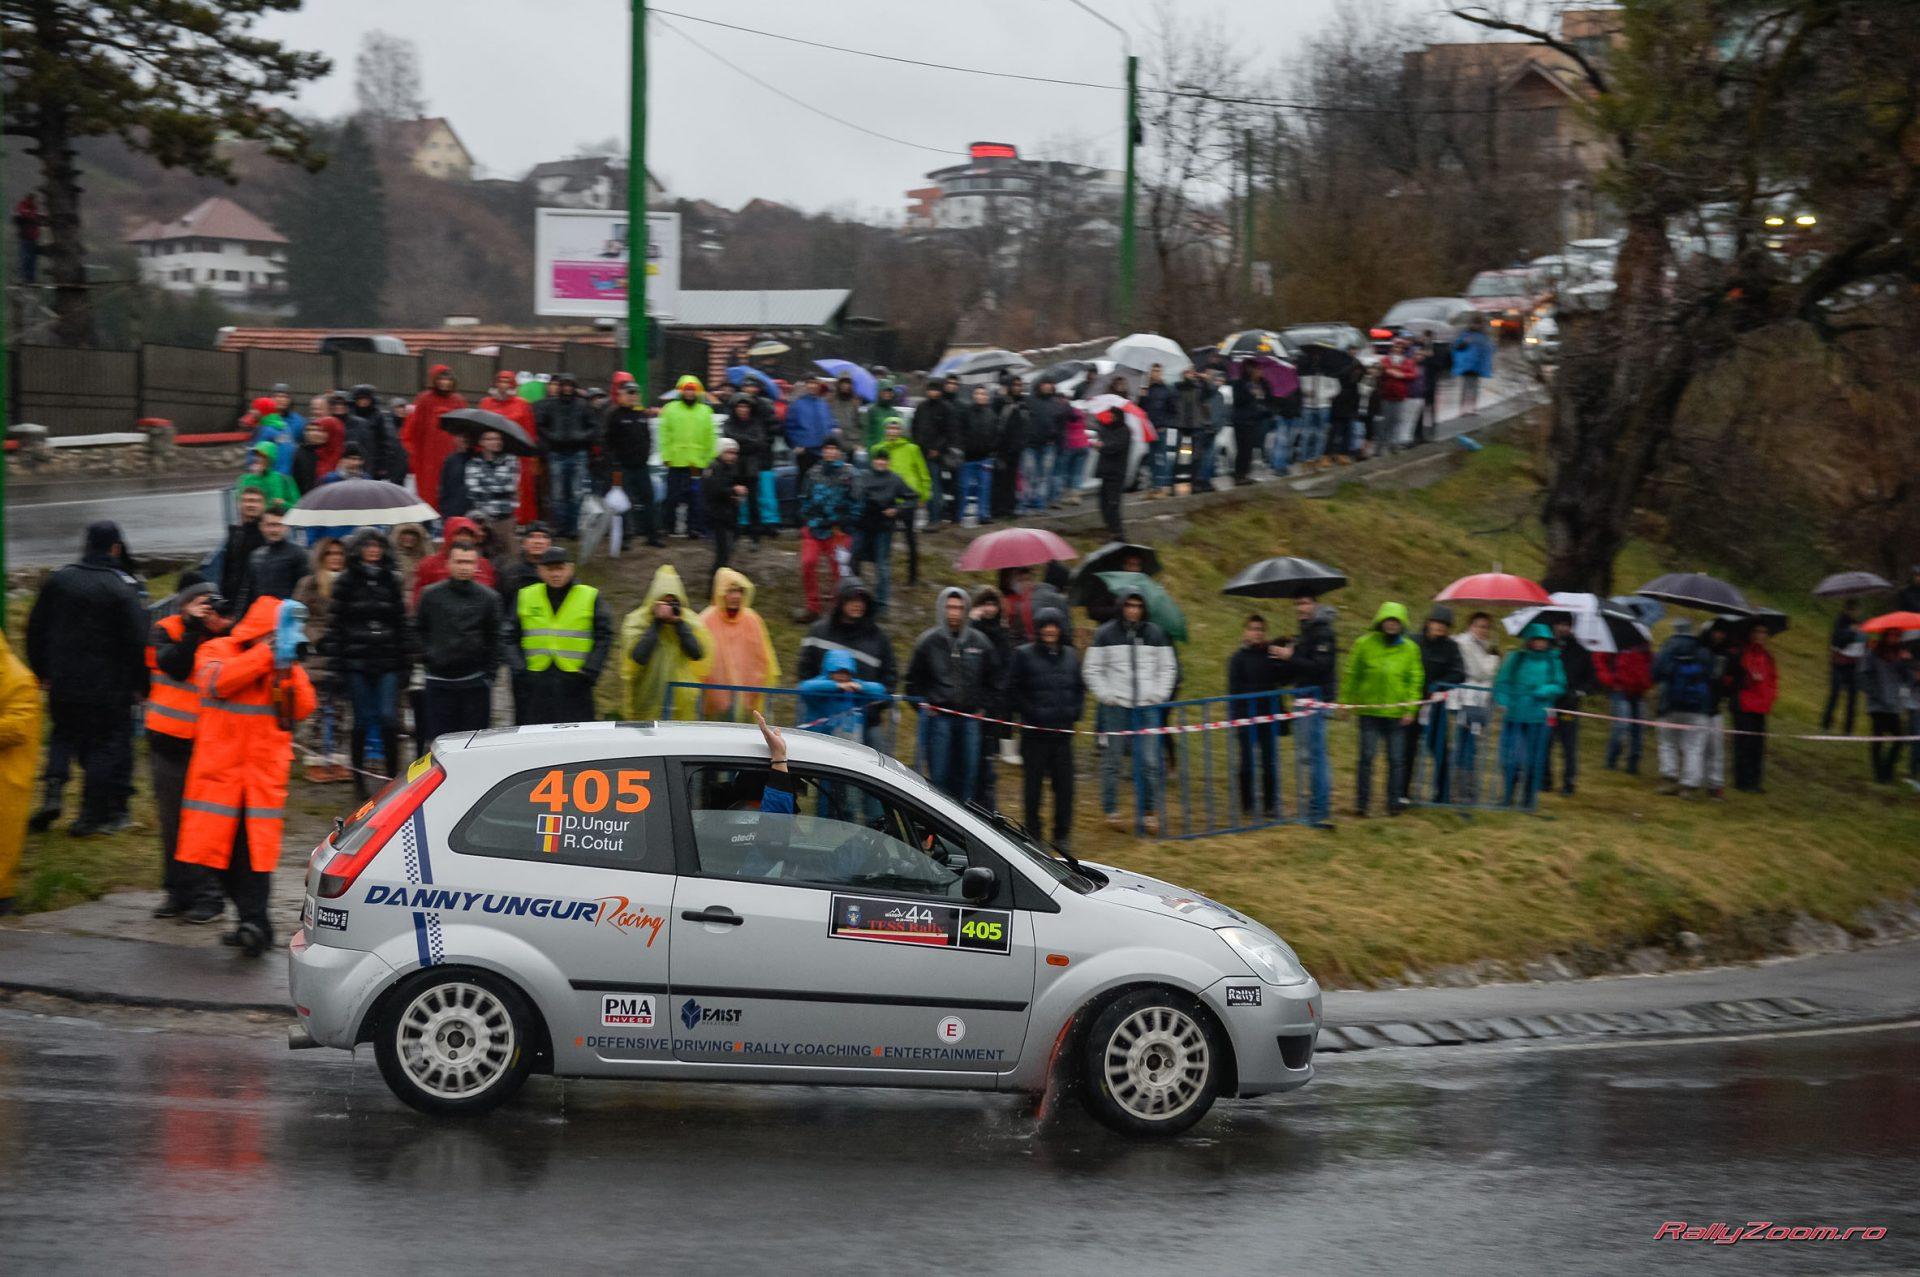 La Raliul Brasovului, Danny Ungur Racing a parcurs o noua etapa de Rally Coaching